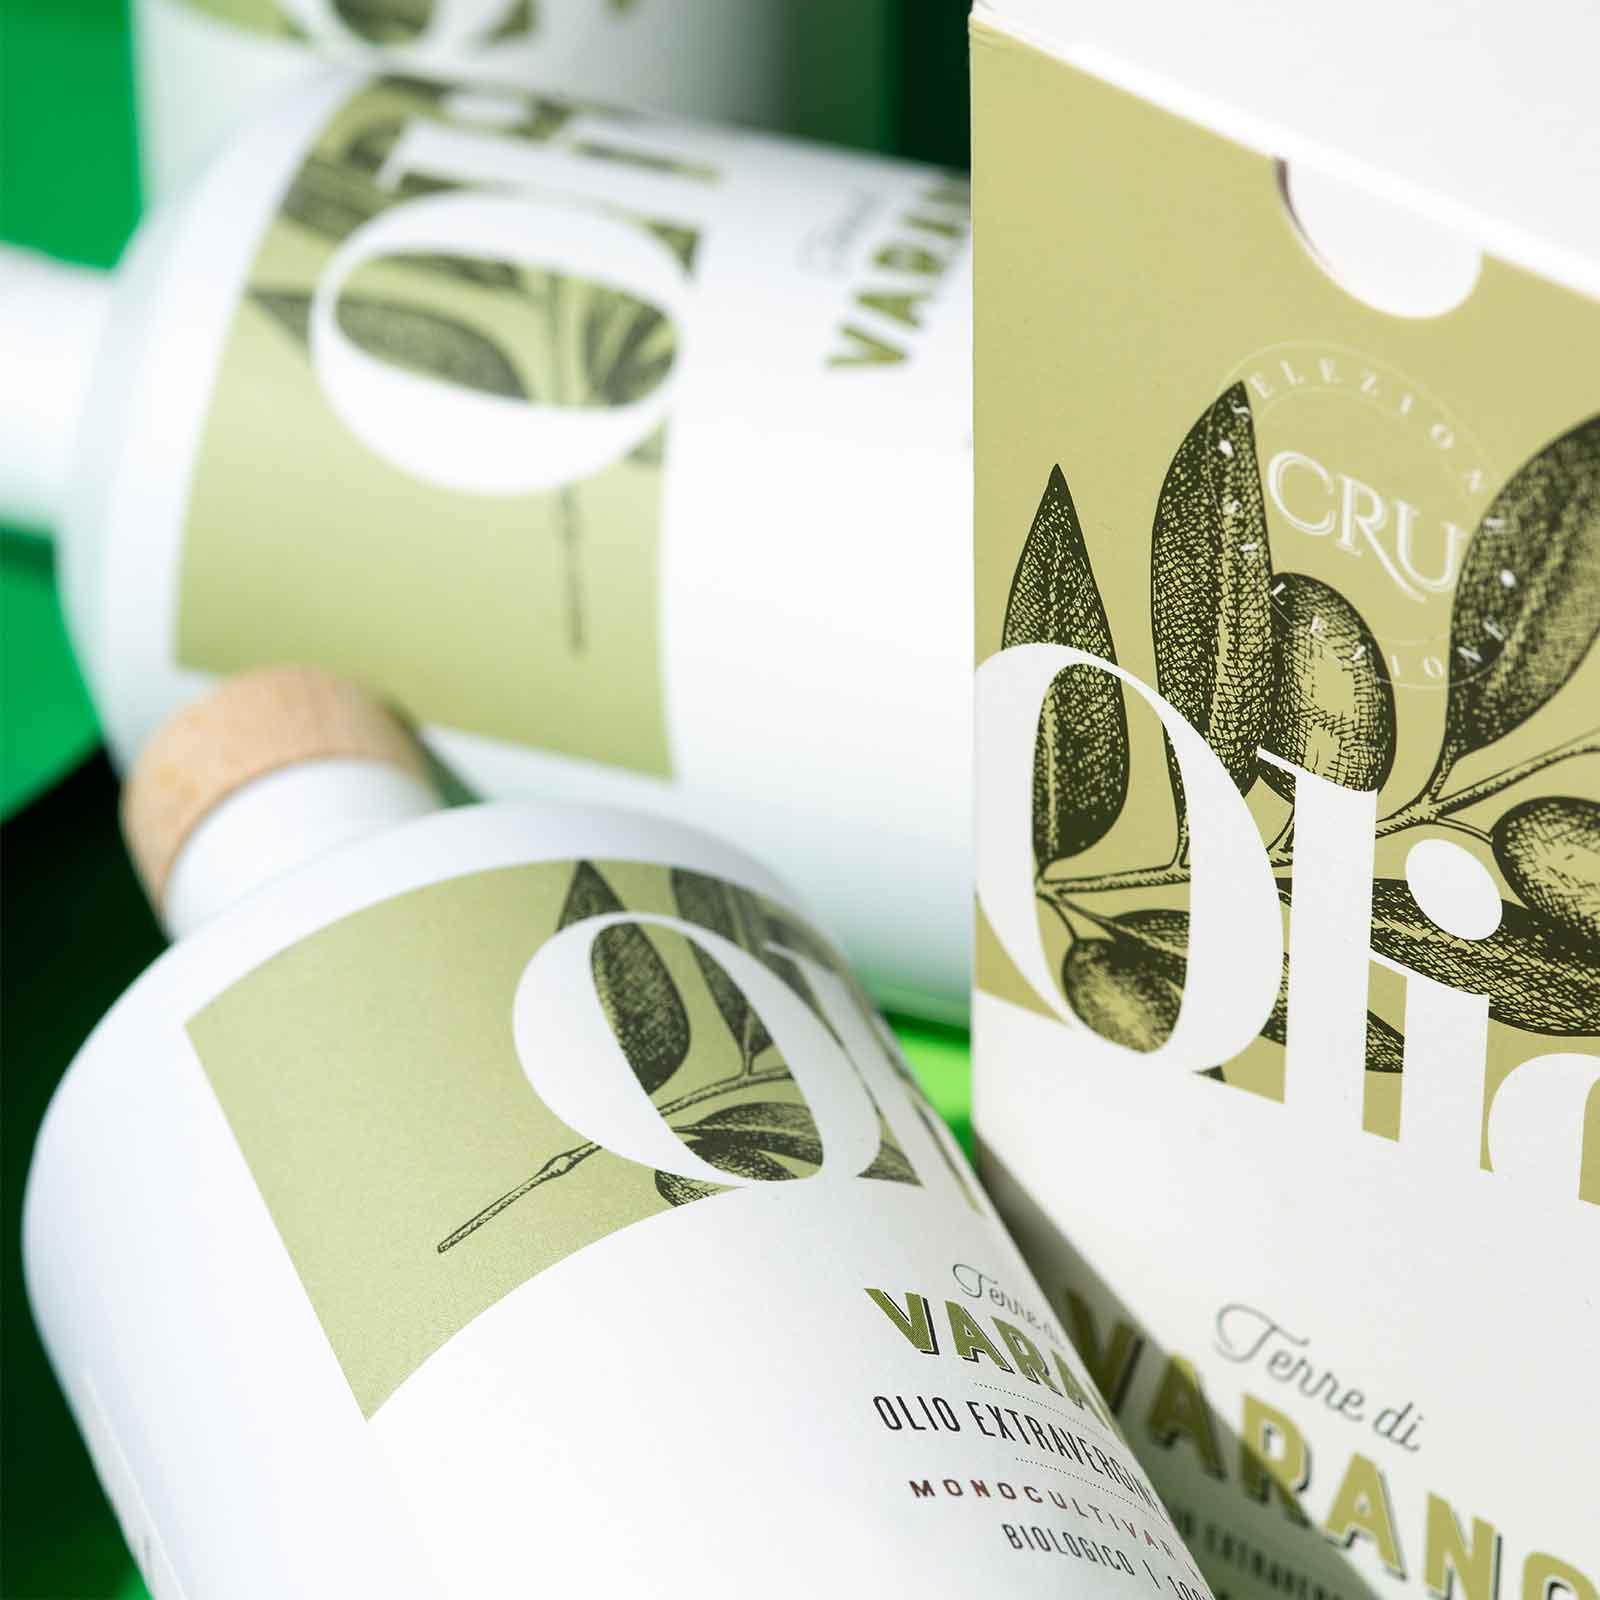 Dispenser - Packaging - Terre di Varano